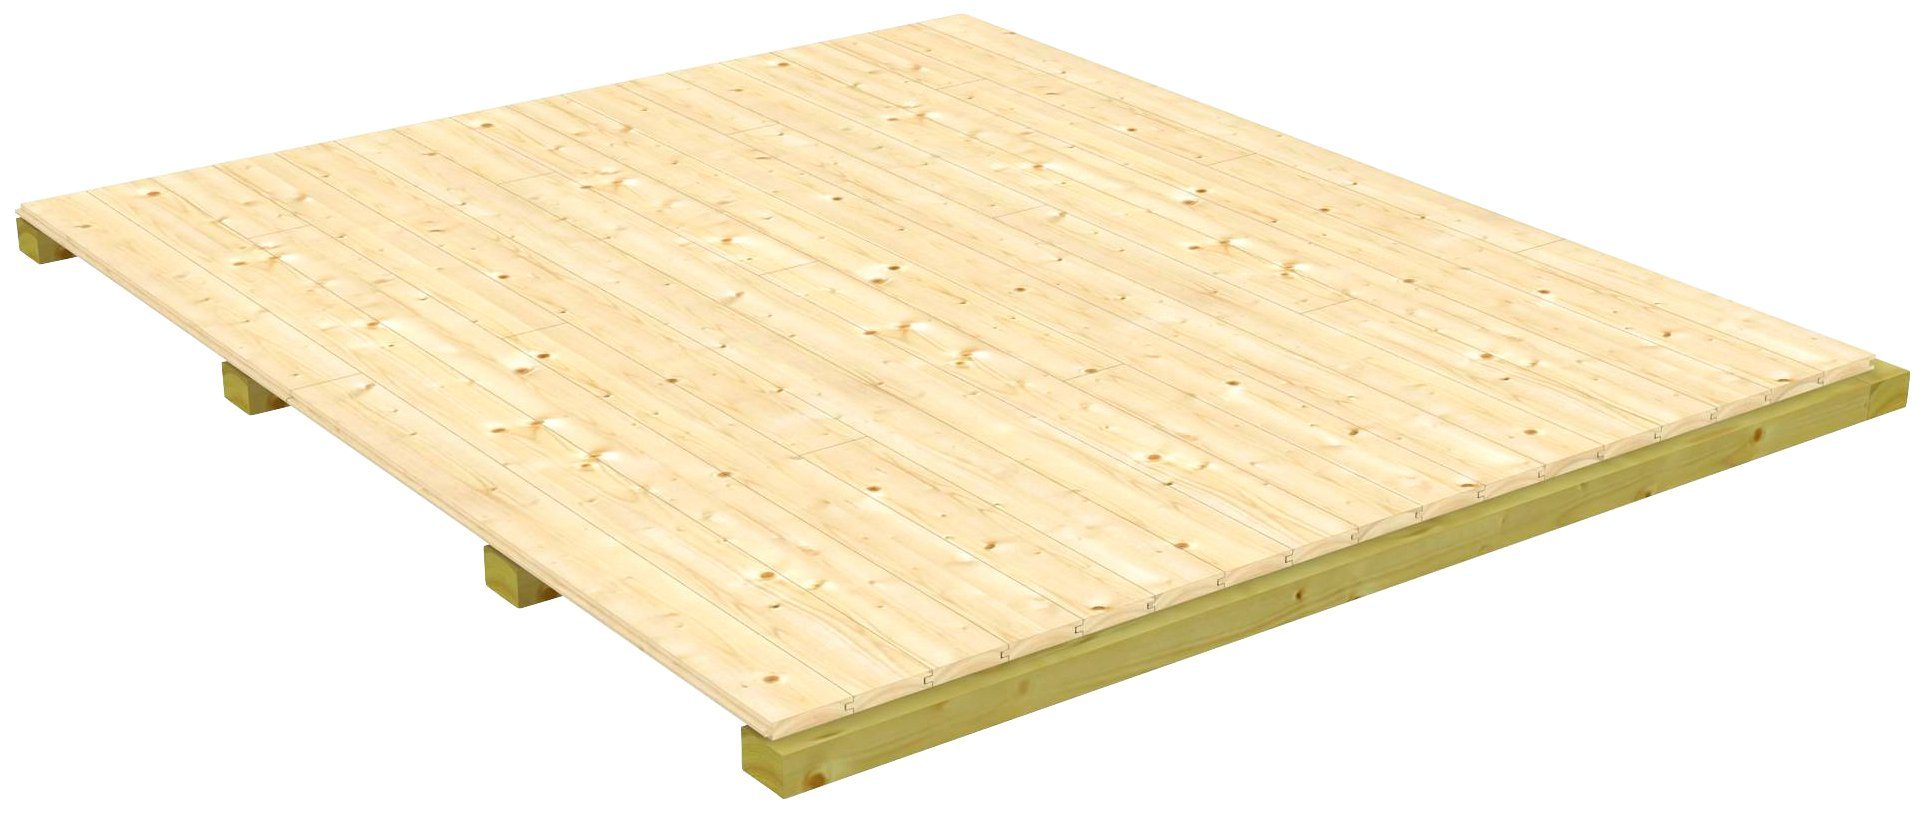 Fußboden für Gartenhäuser »Udo 380«, BxT: 477x377 cm